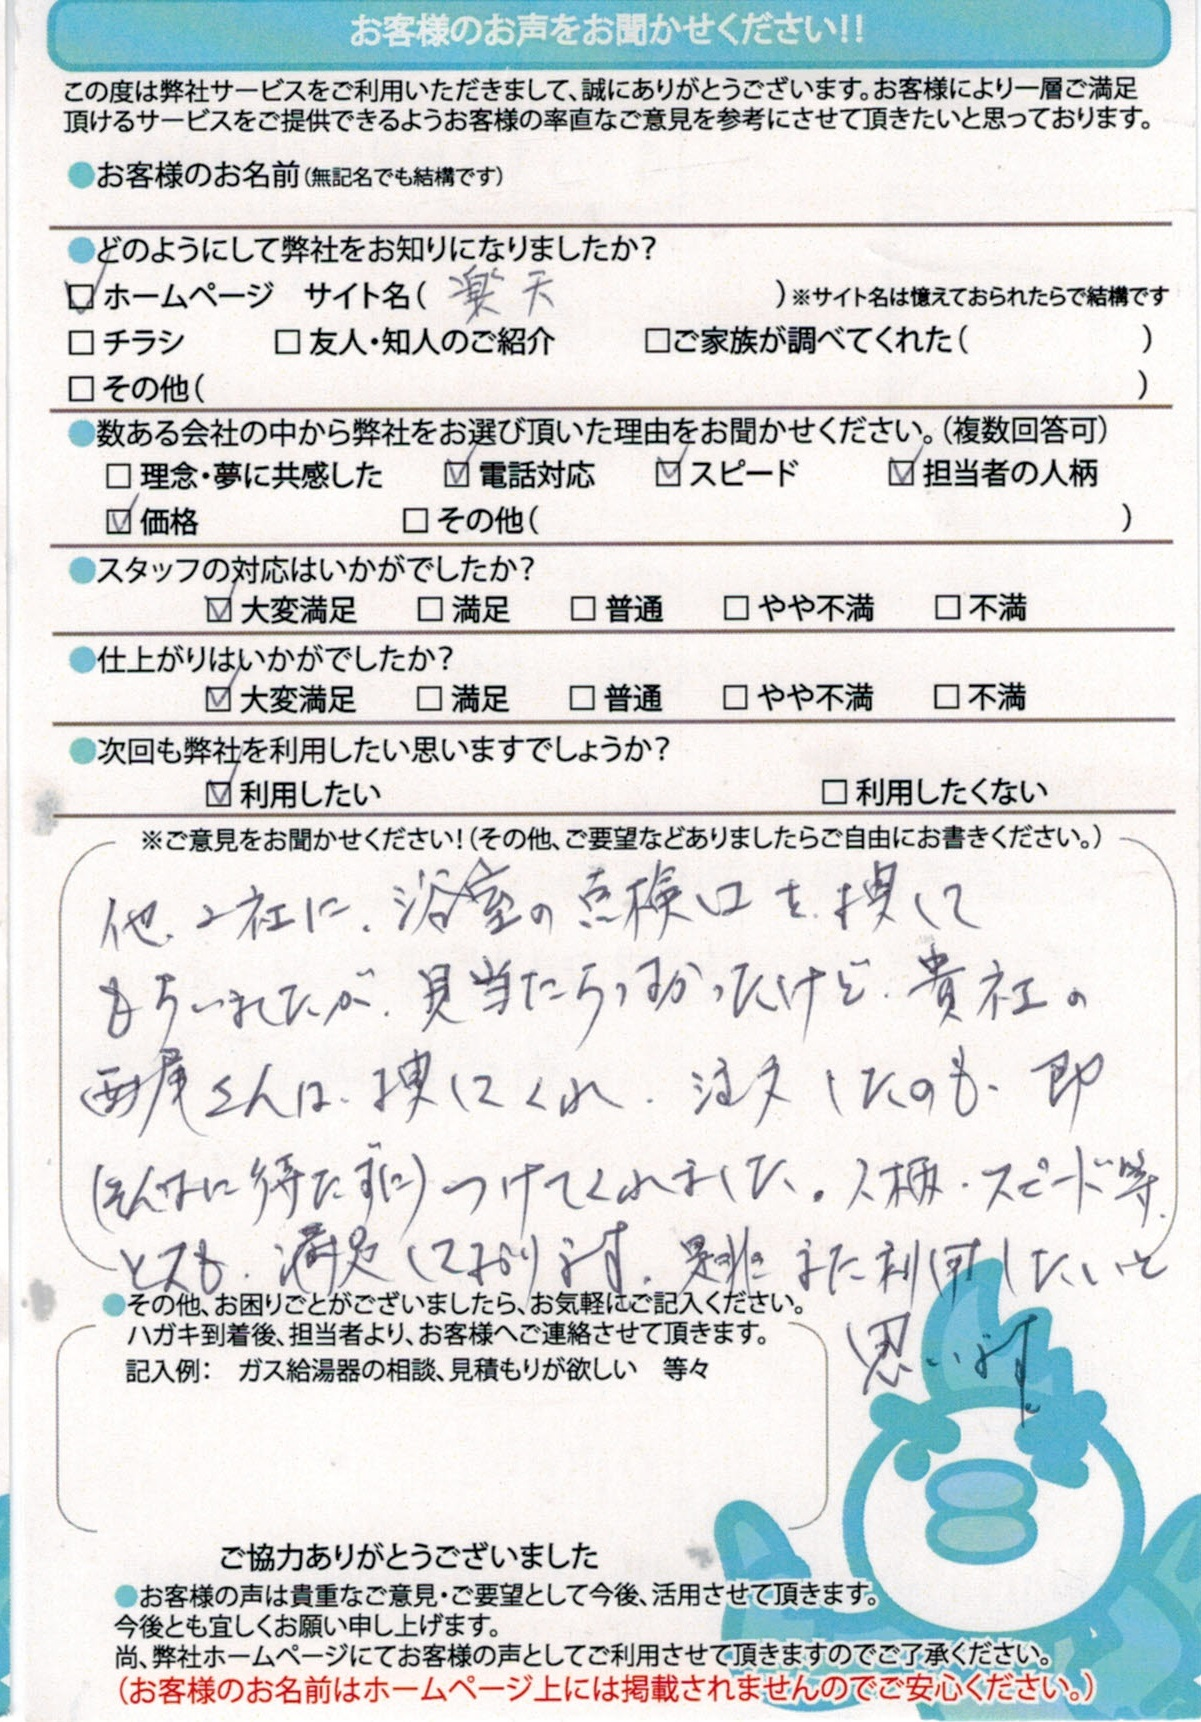 【ハガキ】名古屋市浴室テレビ工事お客様の声【アンシンサービス24】